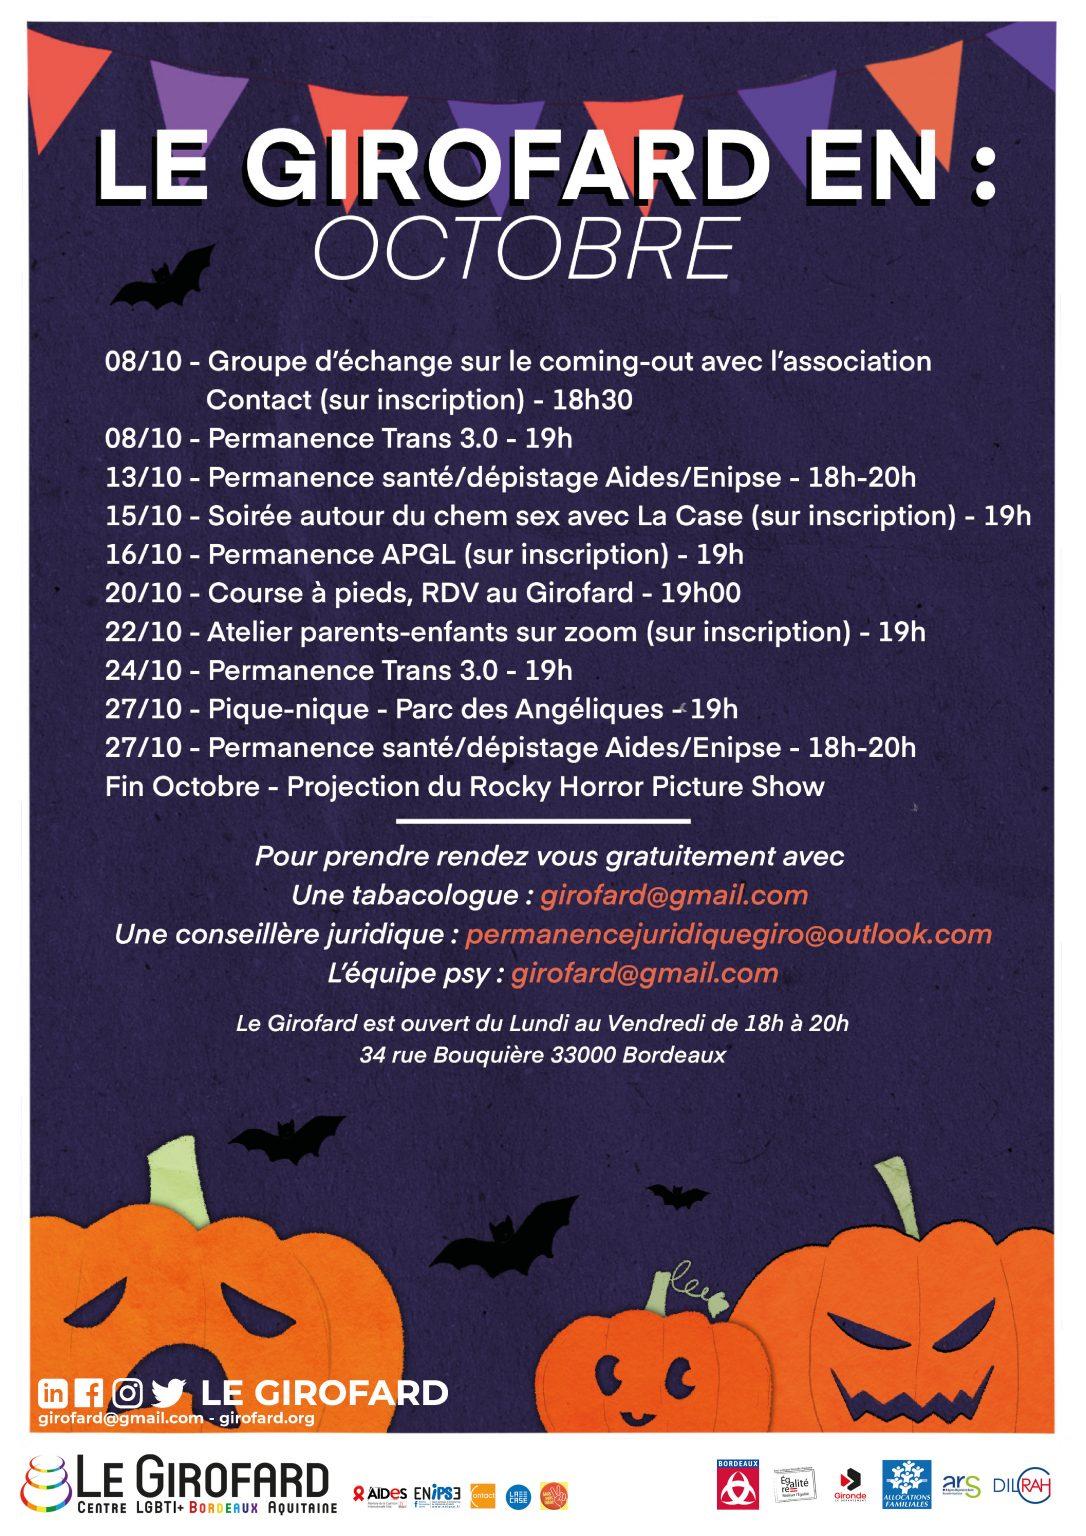 [Activités] Programme Octobre 2020 – Girofard